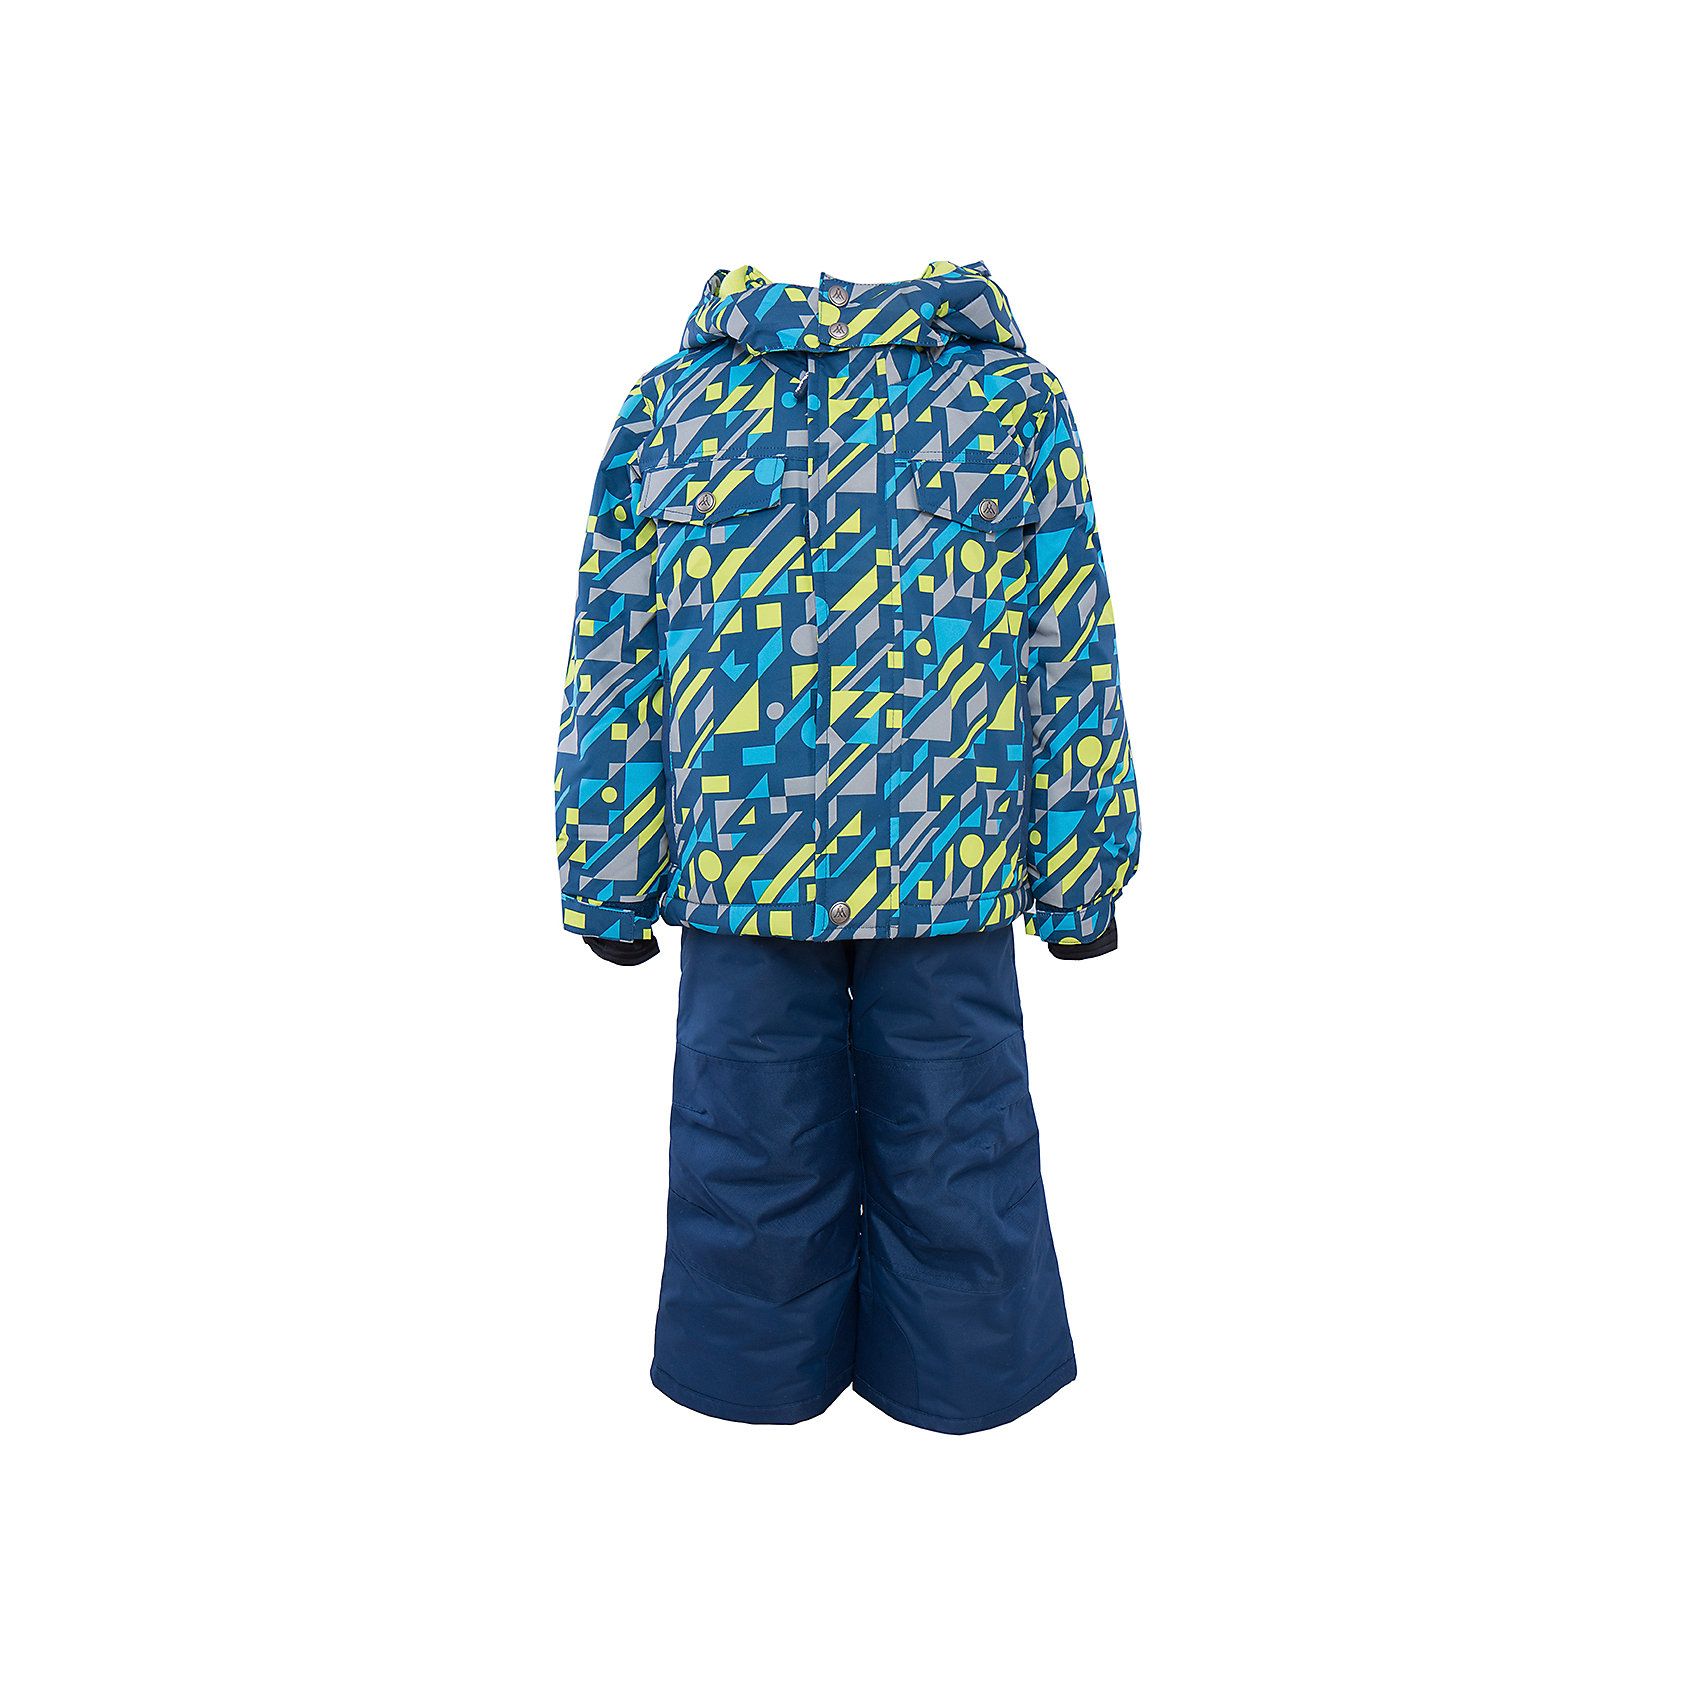 Комплект: куртка и брюки для мальчика PremontВерхняя одежда<br>Комплект: куртка и брюки для мальчика от известного бренда Premont.<br>Как известно, немцы во всем предпочитают четкость и лаконичность, именно эти особенности учтены в принте «Немецкий стиль». Геометрические фигуры и абстрактные рисунки подойдут для серьезных и рассудительных детей, которые любят часами собирать конструктор, пирамидки, играть с кубиками.<br>Брюки до 6 лет идут с высокой грудкой, после 6 лет - с отстегивающейся спинкой.<br>Состав:<br>Ткань верха: мембрана 5000мм/5000г/м2/24h, Taslan<br>Подклад: Polarfleece (тело, капюшон, манжеты), Taffeta (брюки, рукава, снежная юбка) Утеплитель: Tech-polyfill (куртка 280г, брюки 180г)<br><br>Ширина мм: 356<br>Глубина мм: 10<br>Высота мм: 245<br>Вес г: 519<br>Цвет: синий<br>Возраст от месяцев: 84<br>Возраст до месяцев: 96<br>Пол: Мужской<br>Возраст: Детский<br>Размер: 128,92,98,100,104,116,120,122,110<br>SKU: 4996905